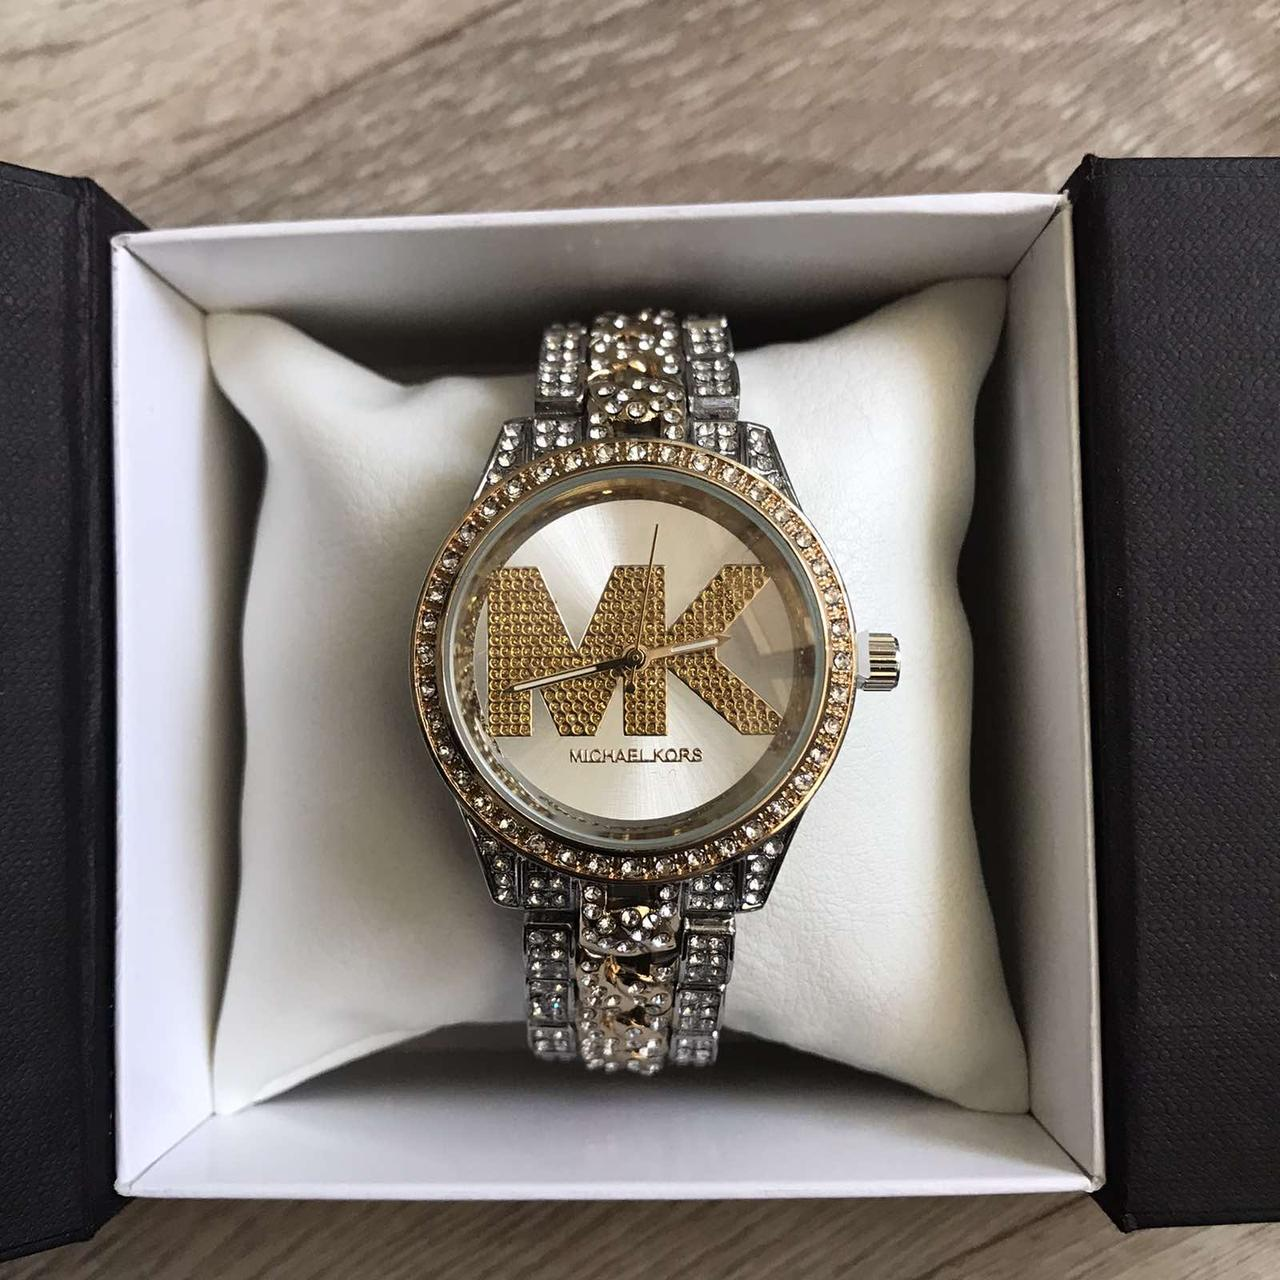 Жіночі годинники Michael Kors якісні репліка. Брендові наручний годинник з камінням золотисті сріблясті